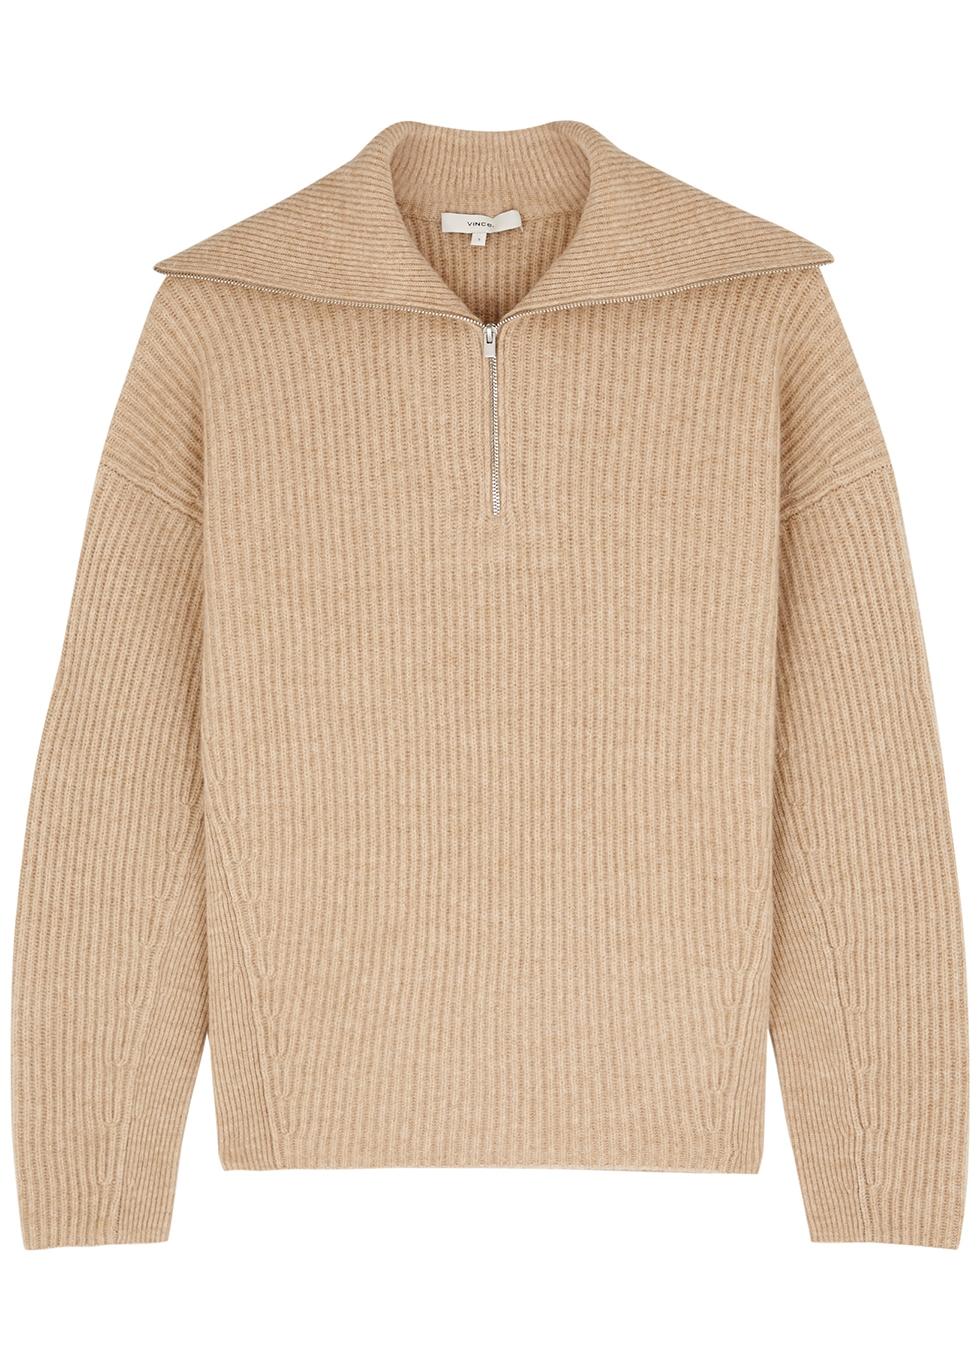 Camel half-zip wool-blend jumper